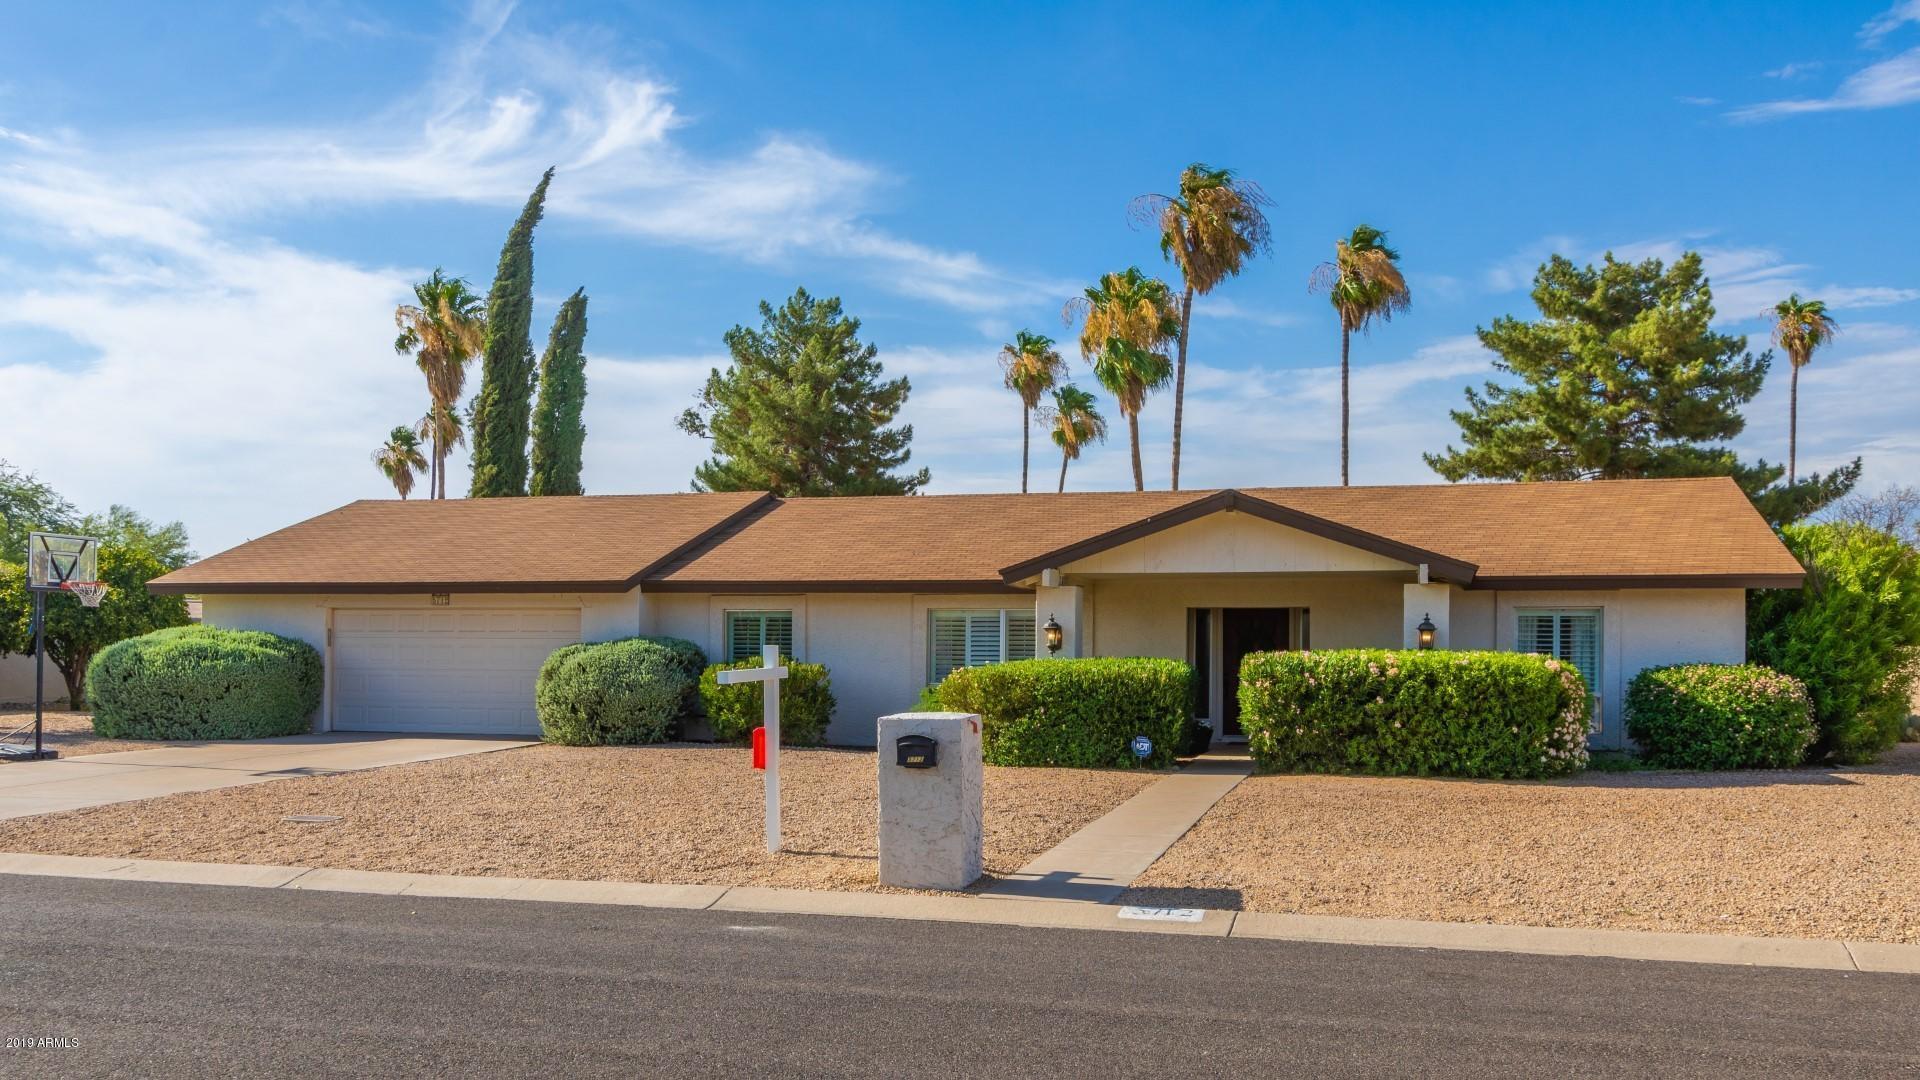 Photo of 5712 E Aster Drive, Scottsdale, AZ 85254